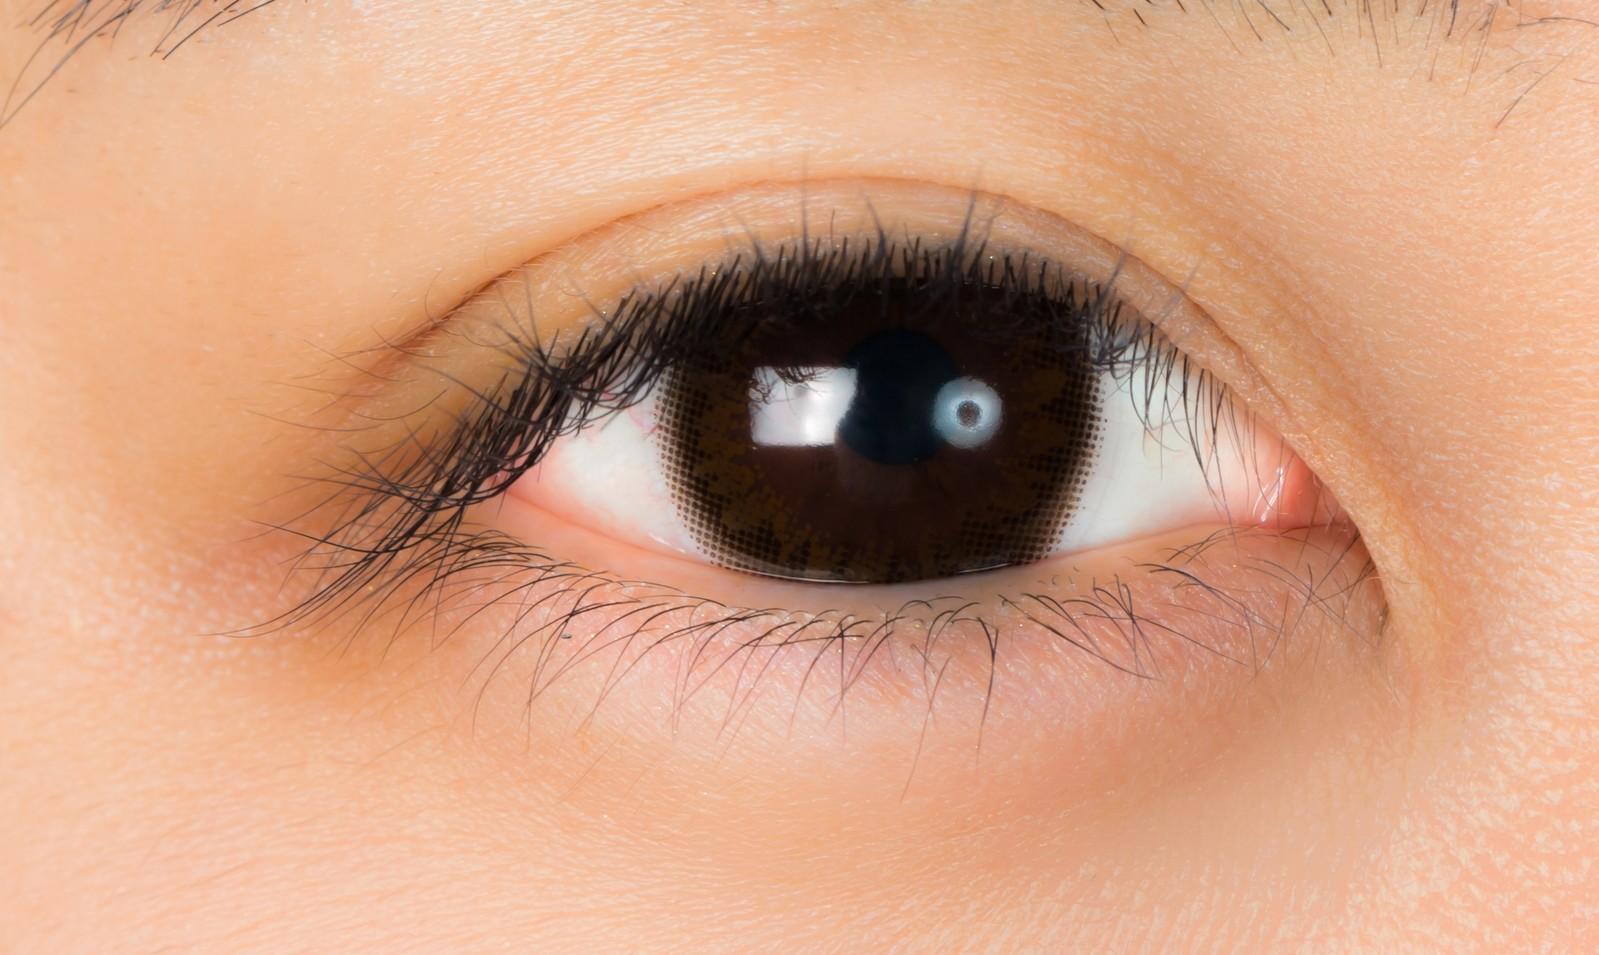 コンタクトレンズをした状態でムコスタ点眼液をした時の効果について